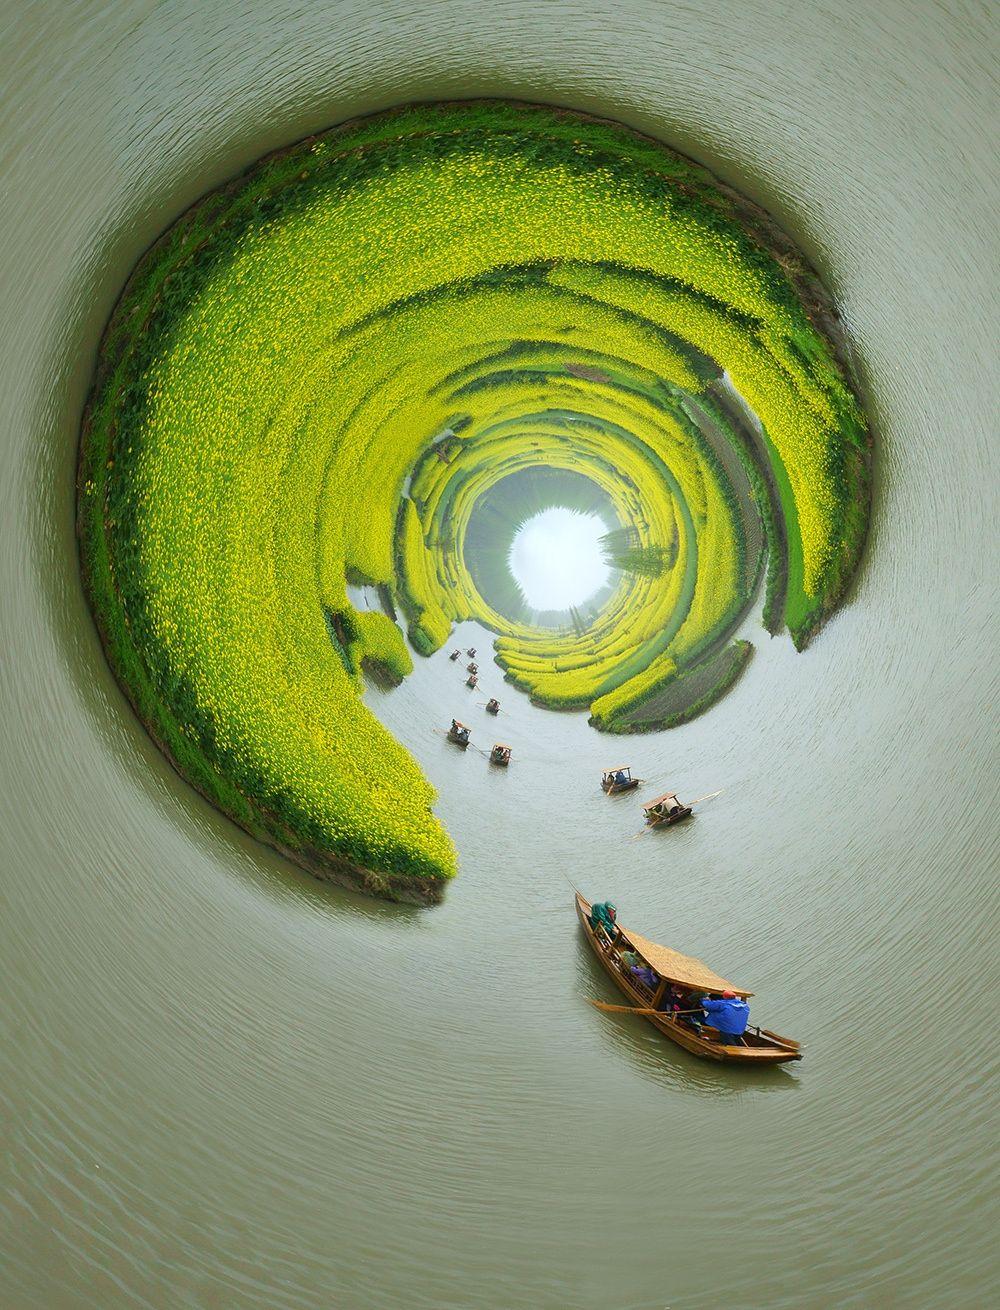 """别有洞天 - 江苏兴化的""""千垛油菜花""""是著名景区,作者运用极座标手法,把平面的油菜花田,变成了立体艺术图片。"""